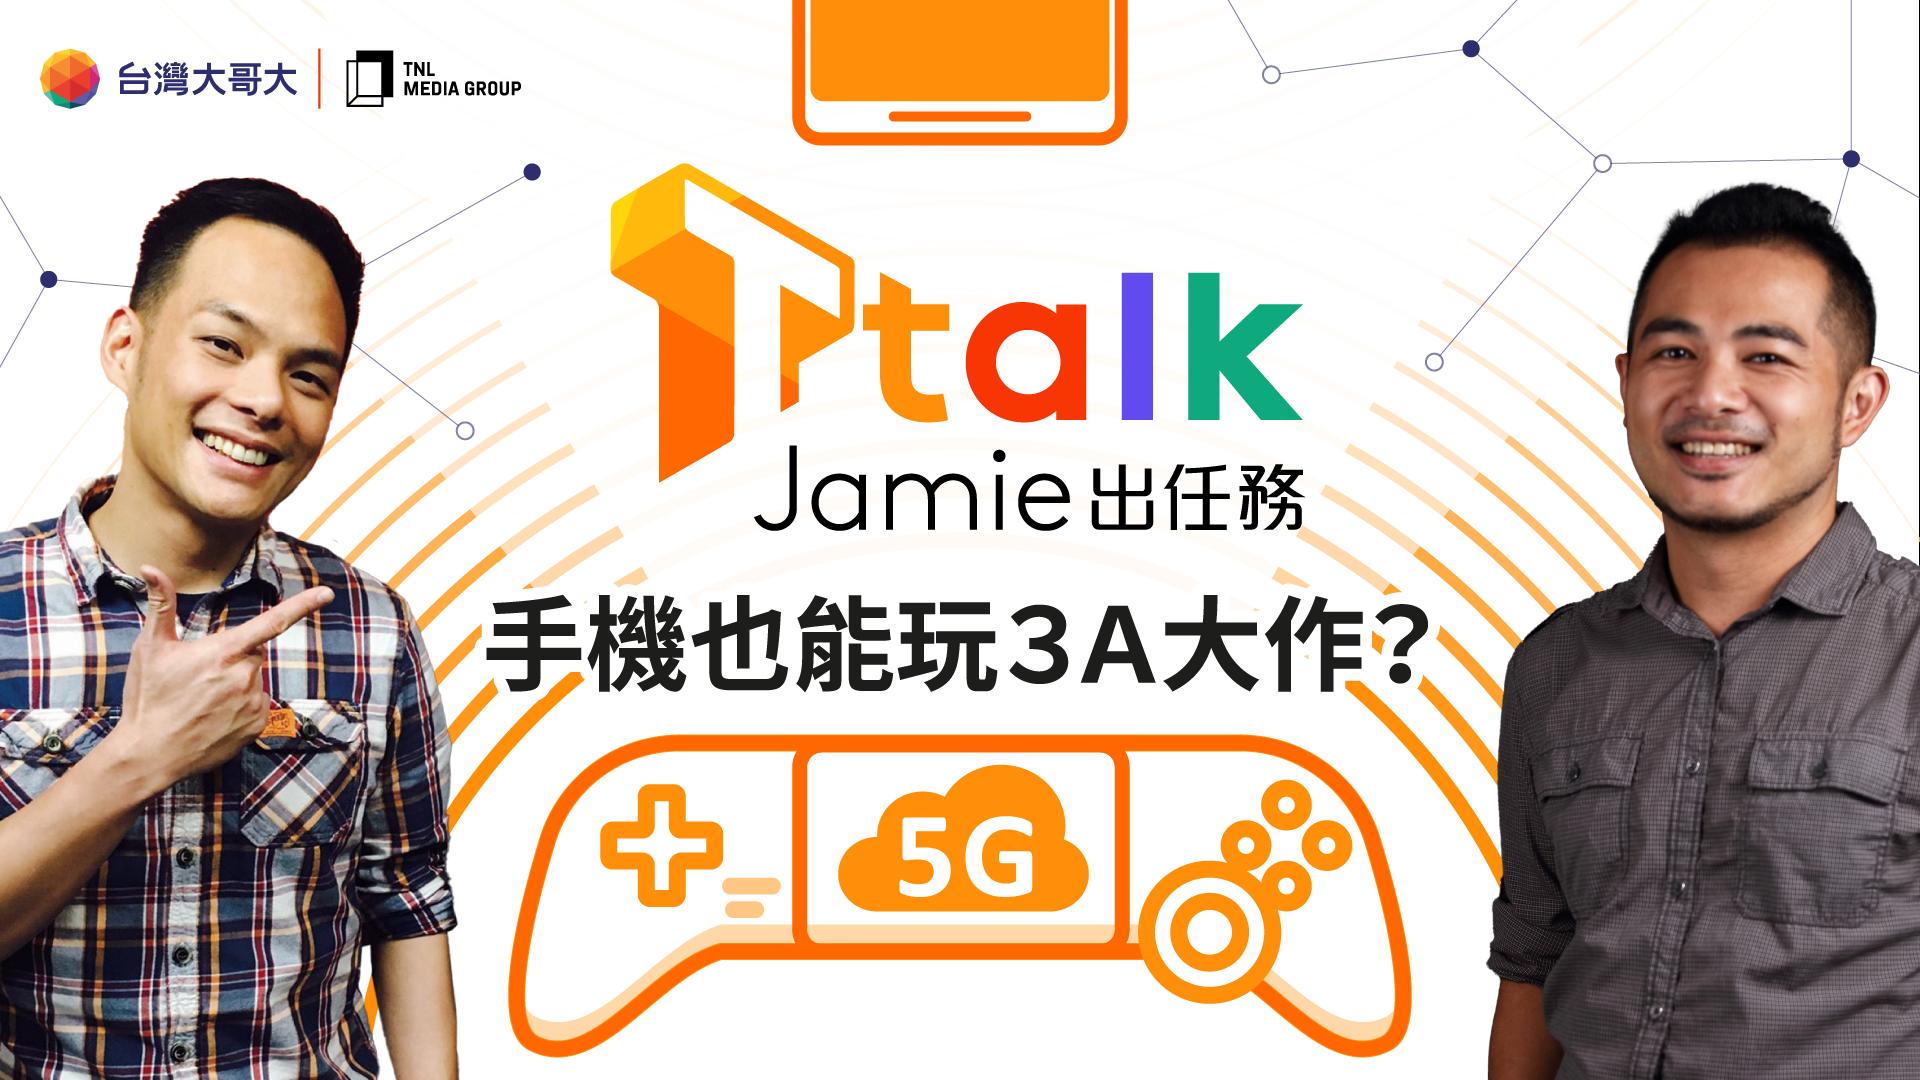 照片中提到了台灣大哥大、TNL、MEDIA GROUP,跟台灣手機有關,包含了微笑、新聞鏡頭、癮科技、硬塞的網路趨勢觀察、準化神